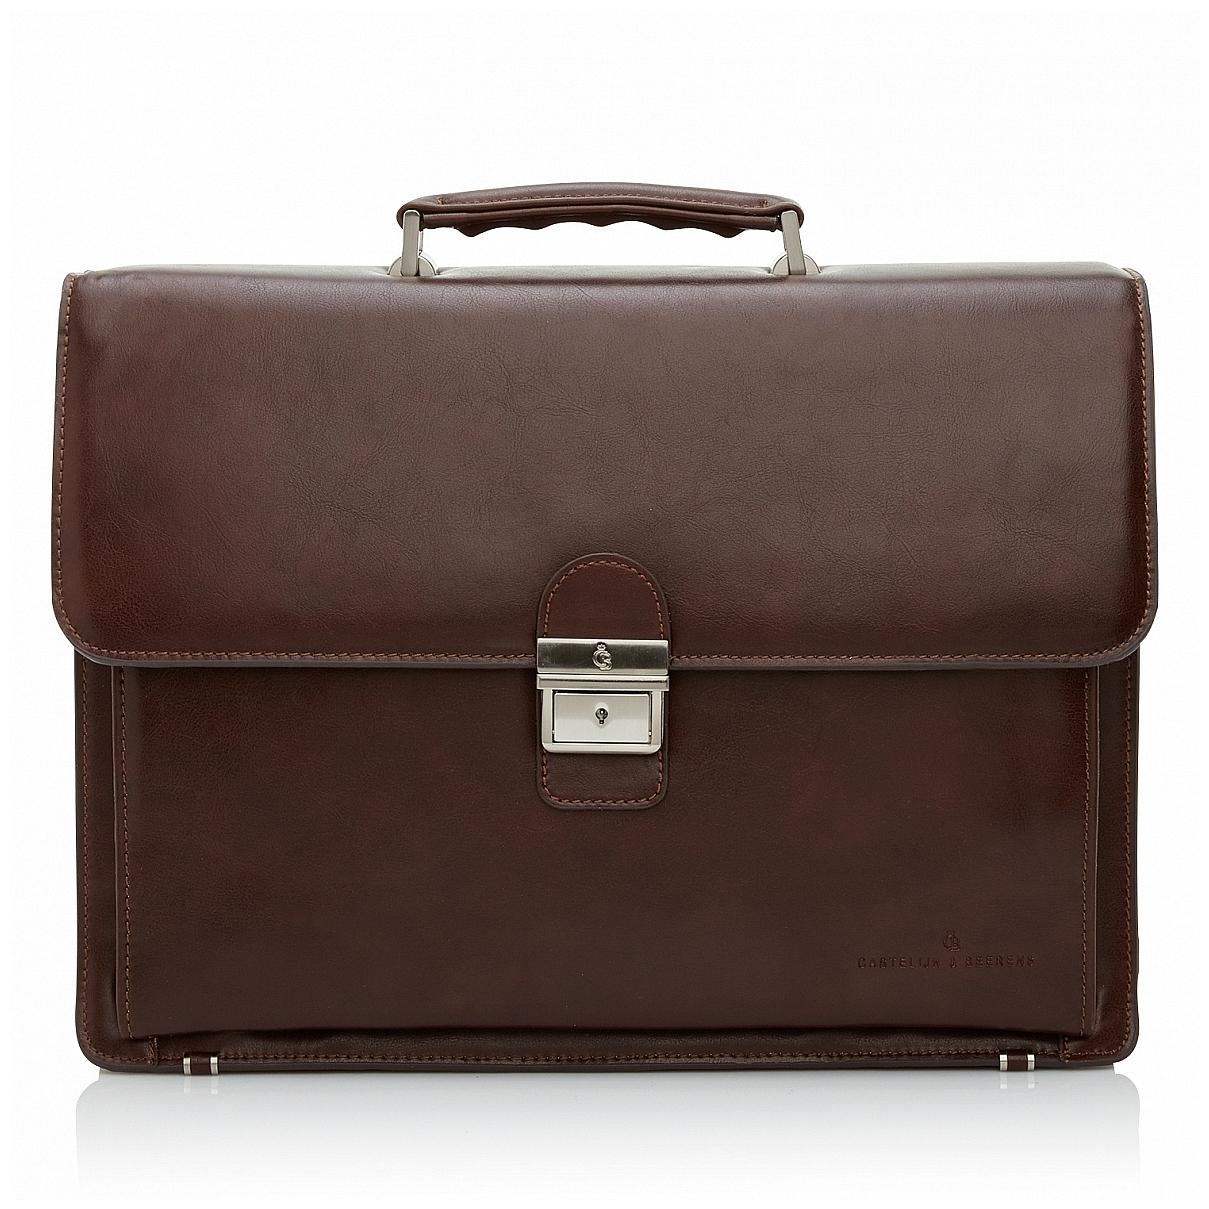 Castelijn & Beerens Pánská kožená aktovka na notebook 869598 hnědá